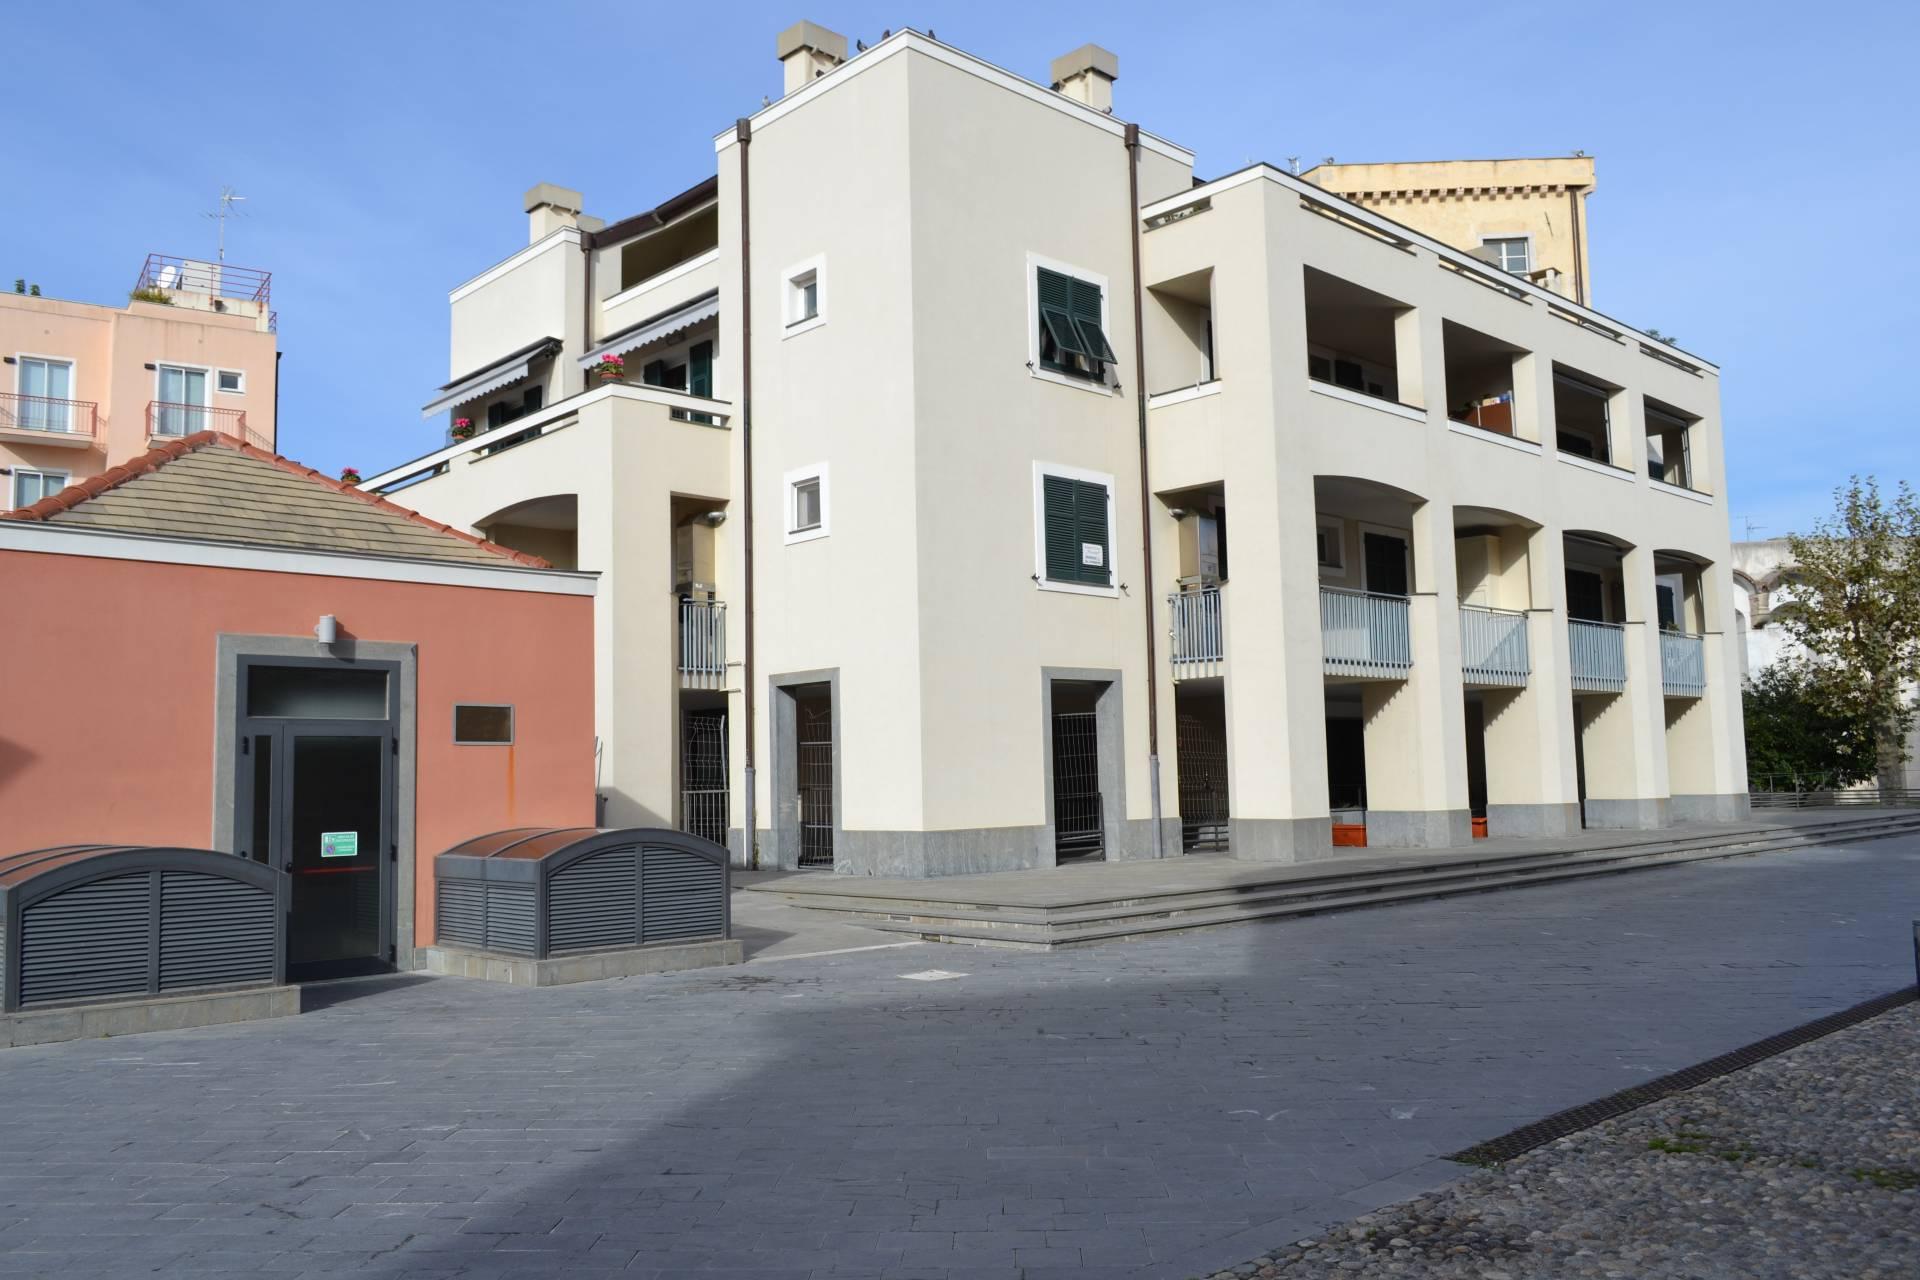 Attico / Mansarda in vendita a Loano, 6 locali, prezzo € 1.300.000 | Cambio Casa.it